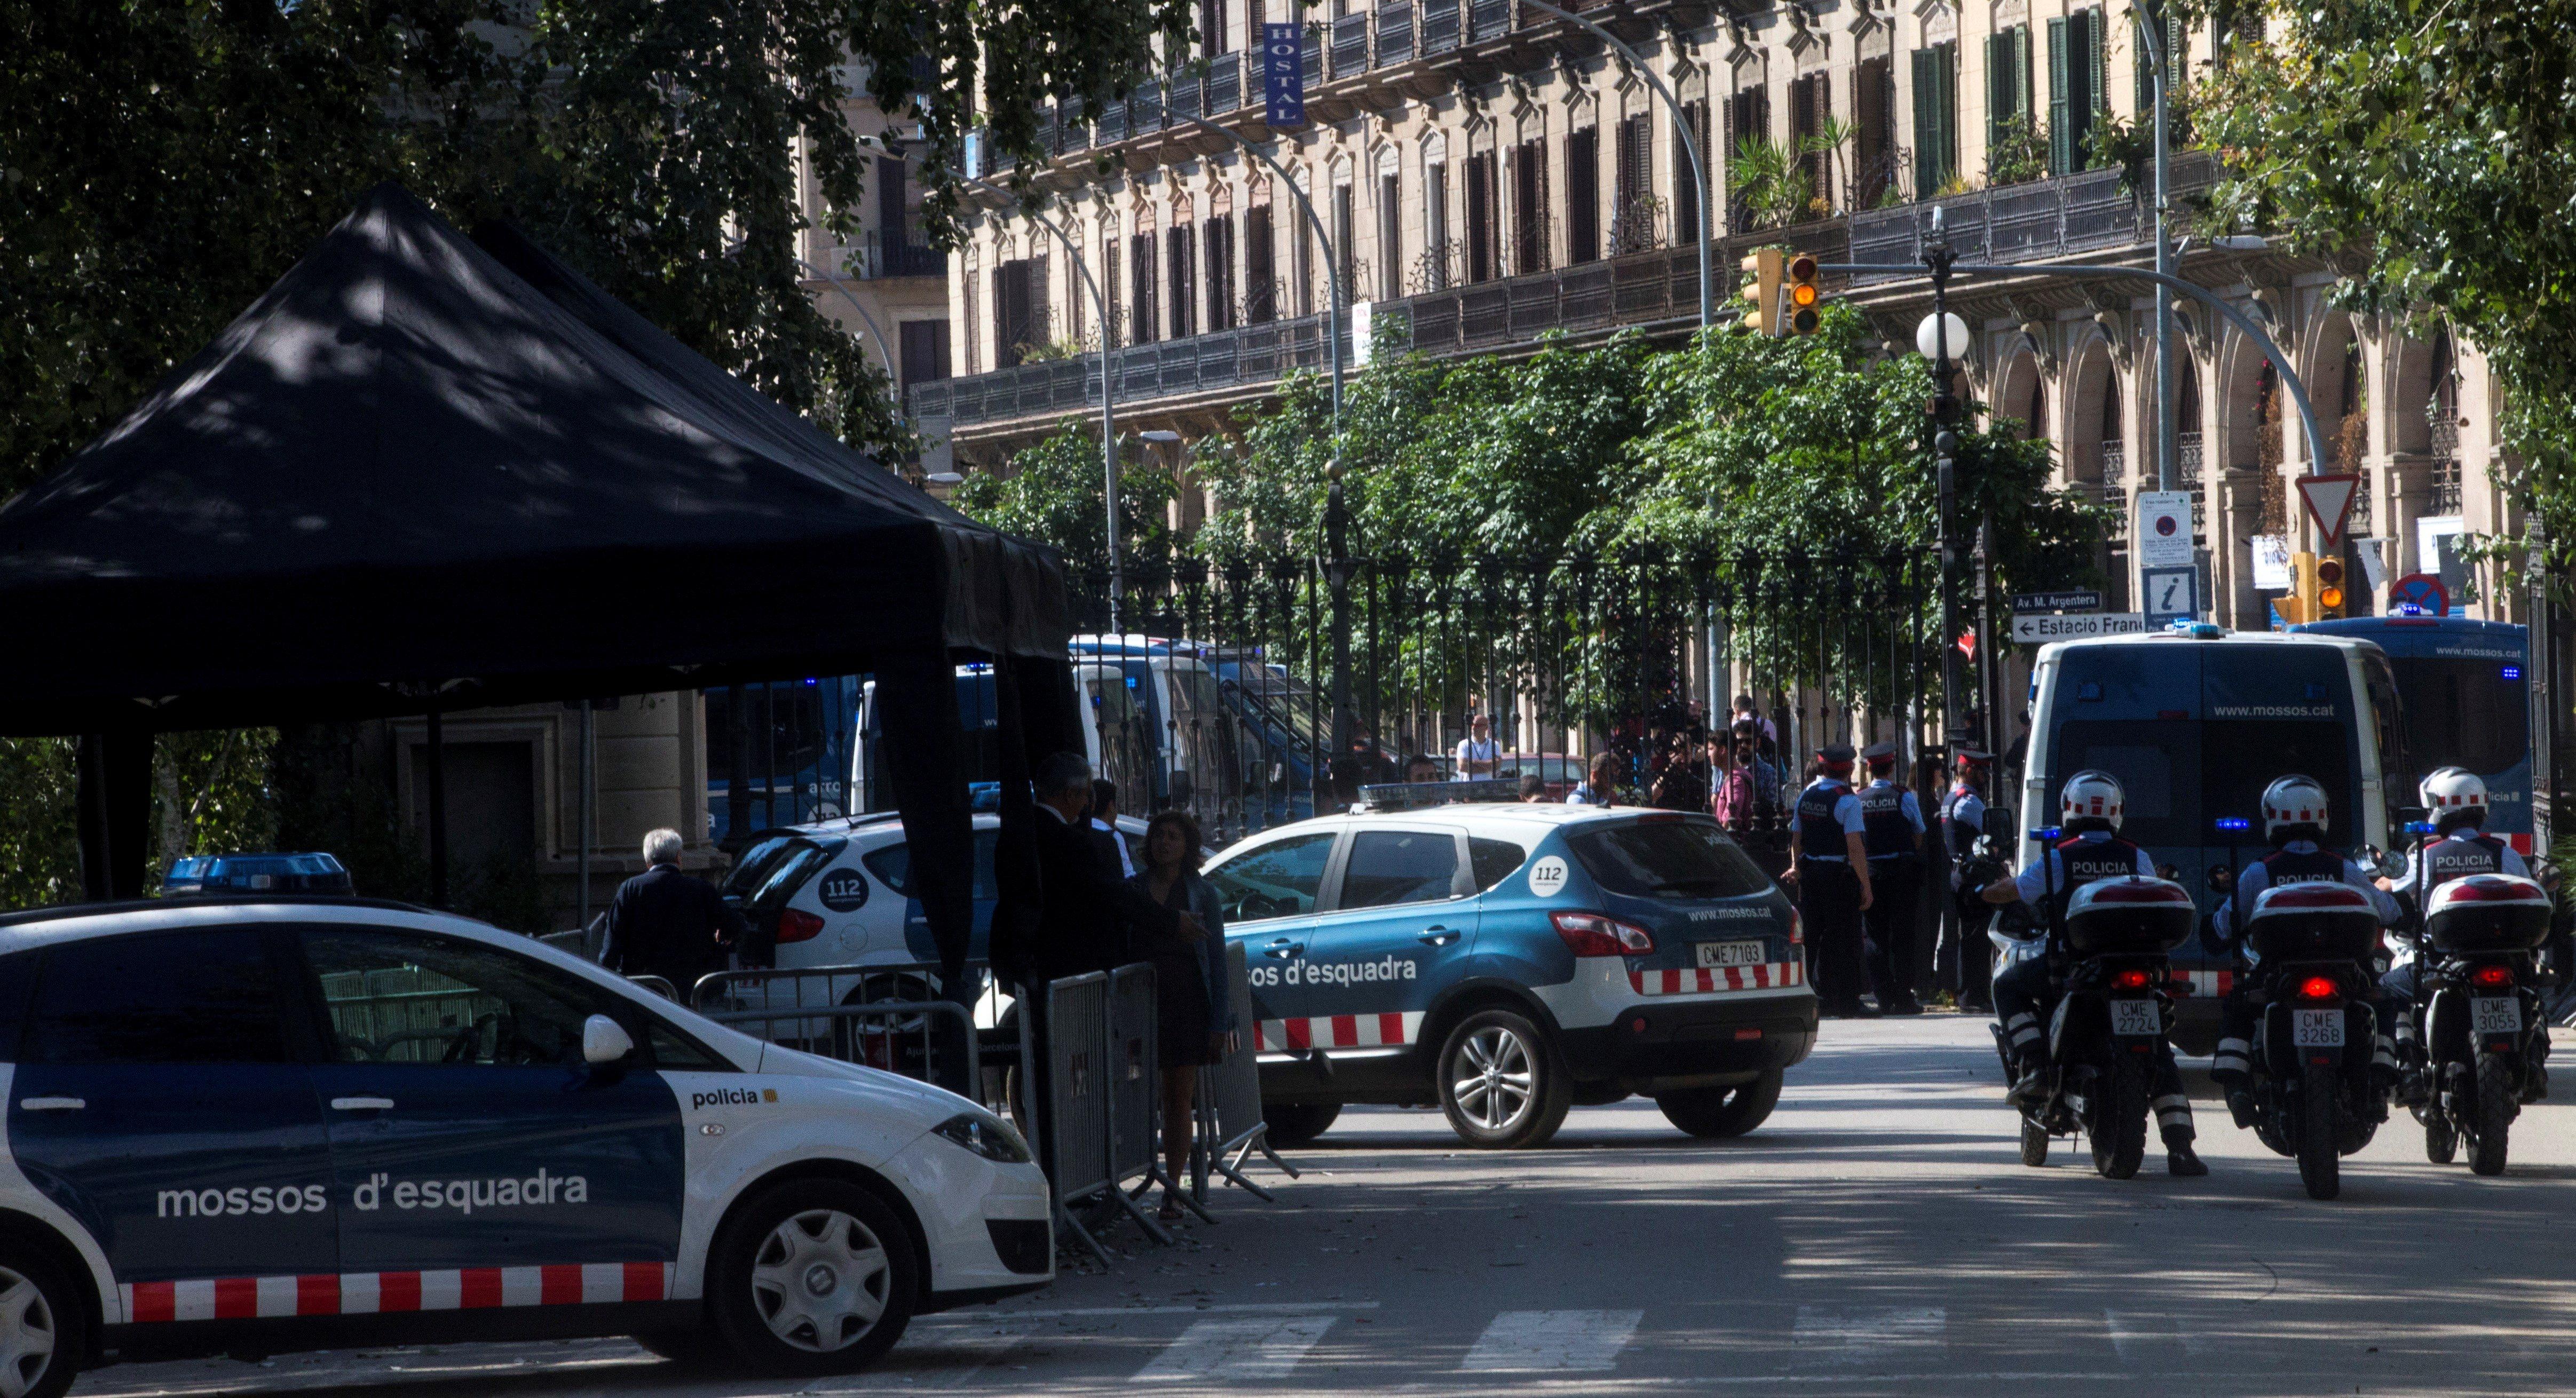 Els Mossos d'Esquadra custodien l'entrada del parc de Ciutadella, on es troba el Parlament de Catalunya. El president de la Generalitat, Carles Puigdemont, compareixerà a petició pròpia davant el ple del Parlament per traslladar els resultats de la jornada de l'1-O. /QUIQUE GARCÍA